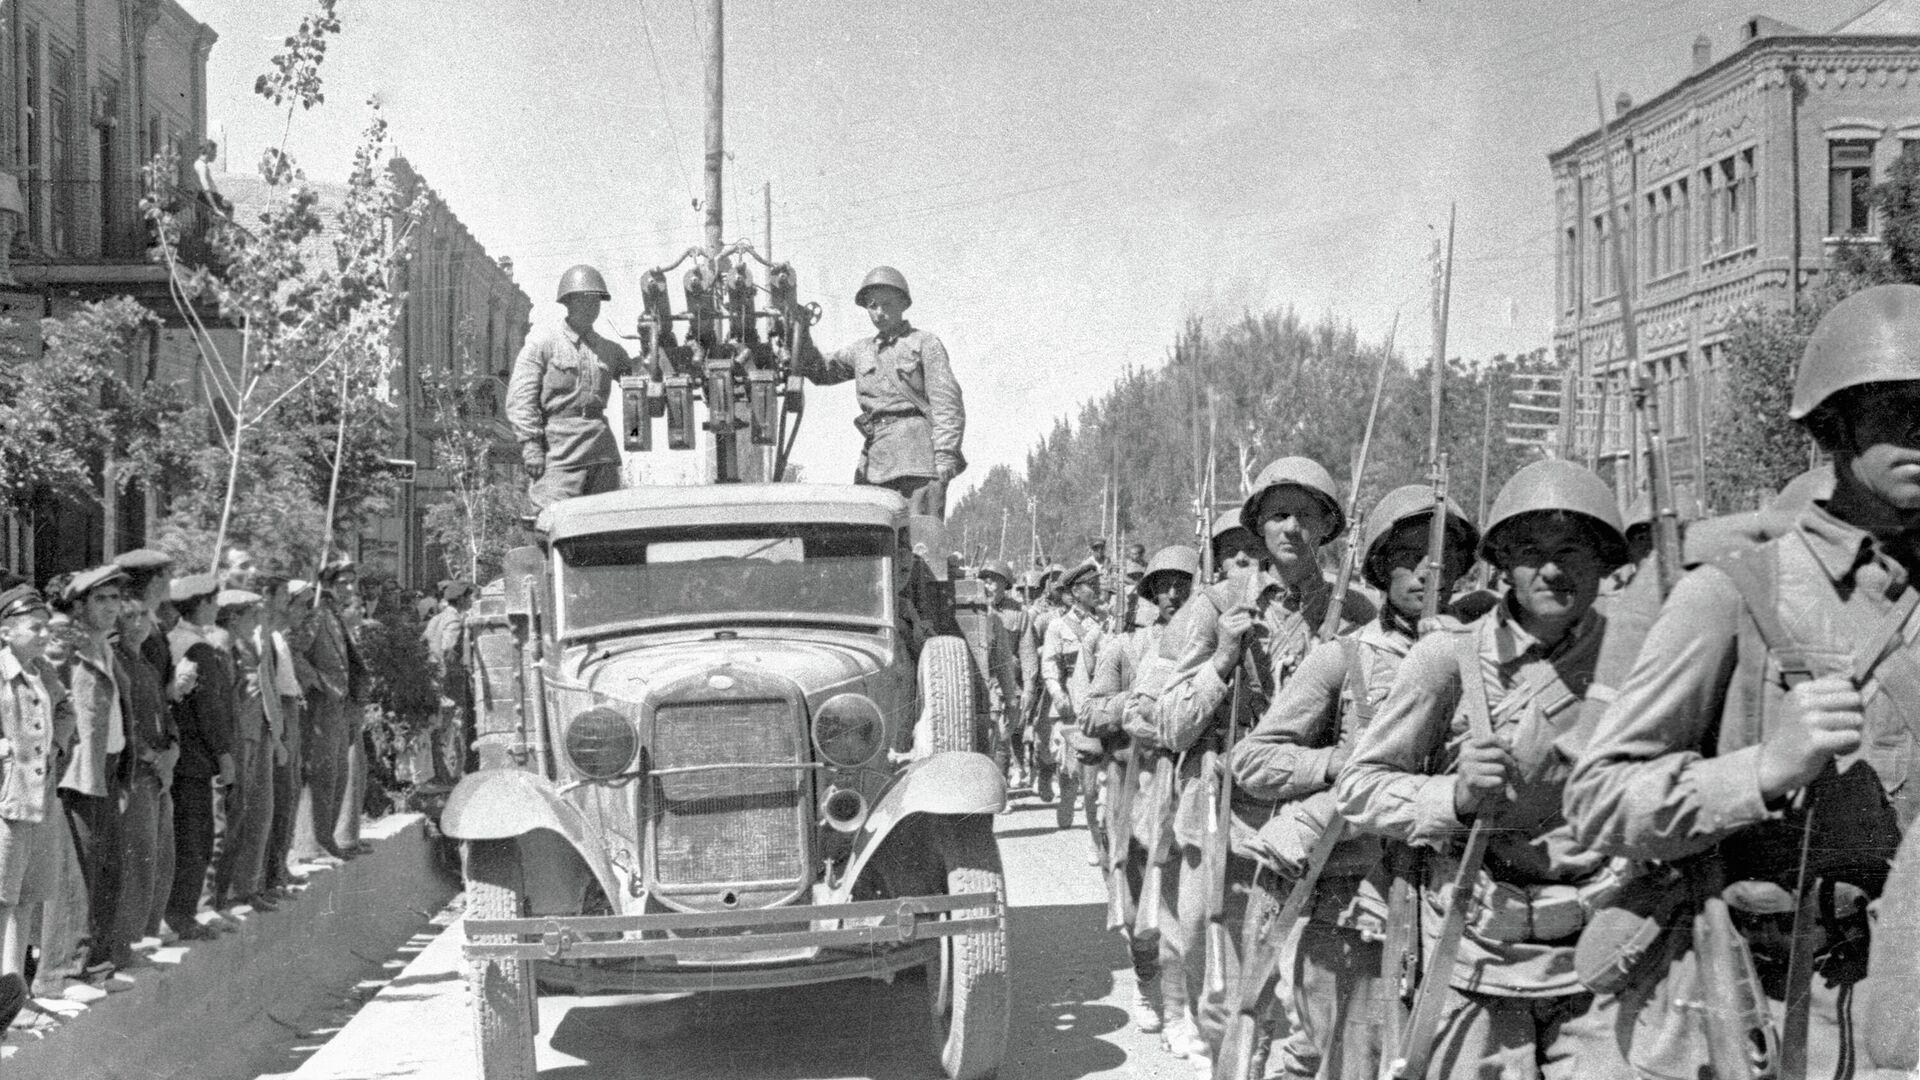 El Ejército Rojo entra en la ciudad de Tabriz, Irán - Sputnik Mundo, 1920, 16.09.2021